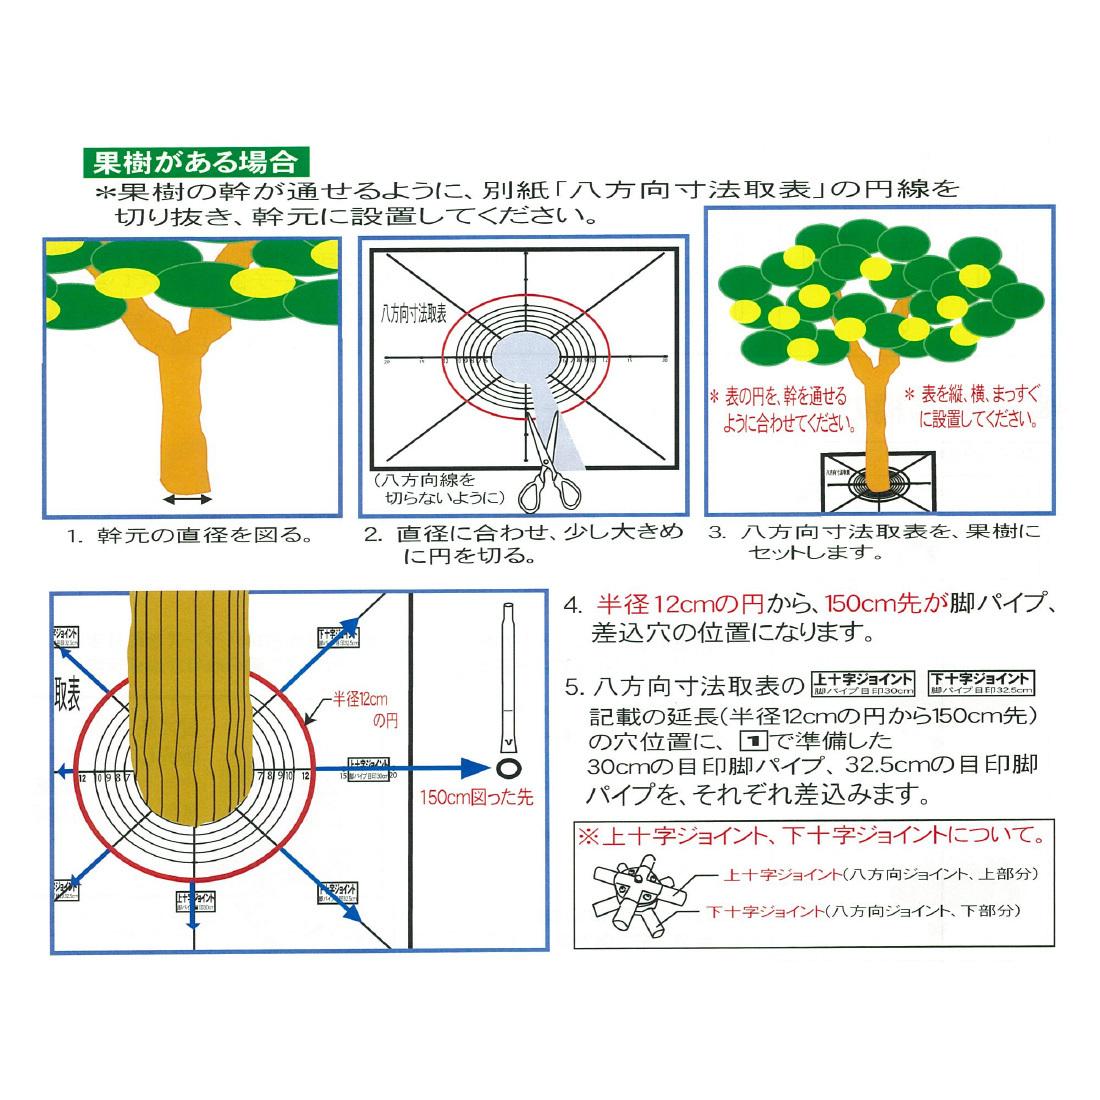 ドーム型果樹ネット(スタンダード)KD-400